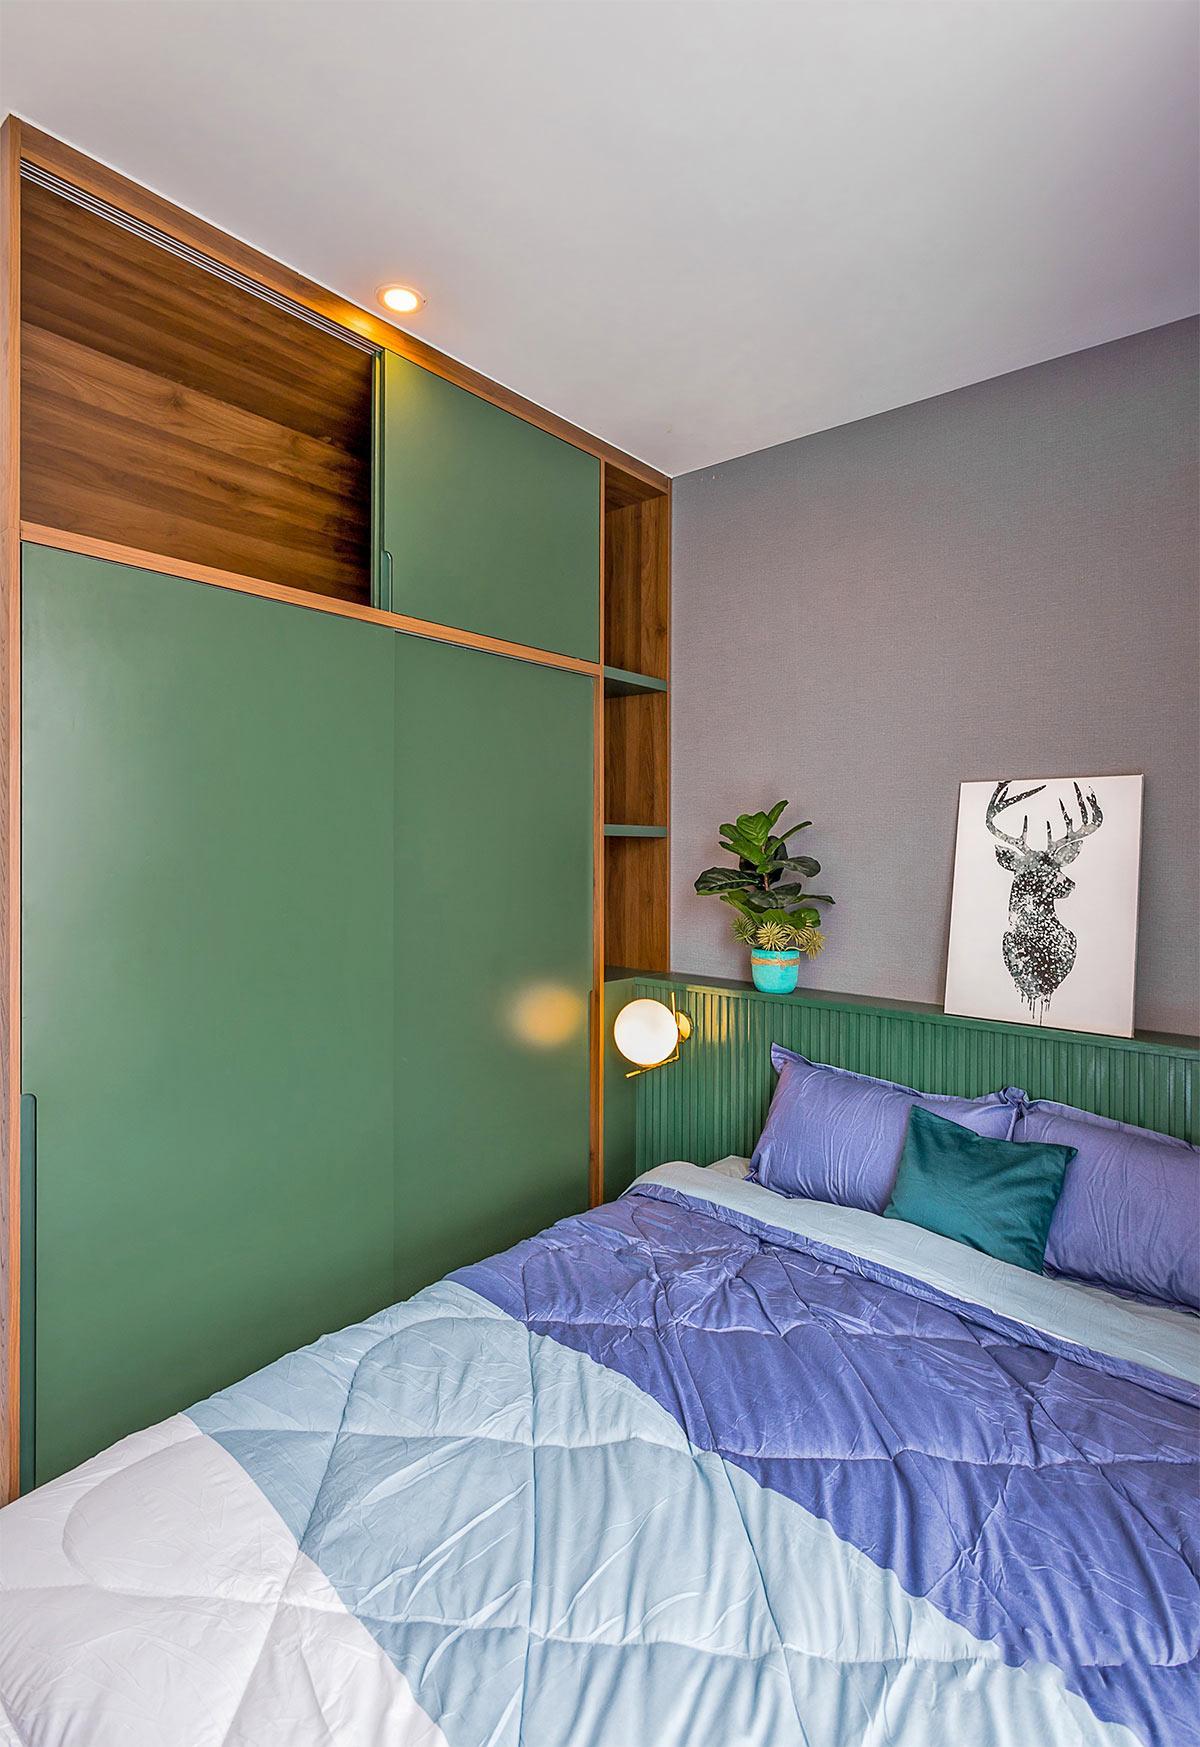 Thiết kế nội thất phòng ngủ phụ căn hộ 3 phòng ngủ